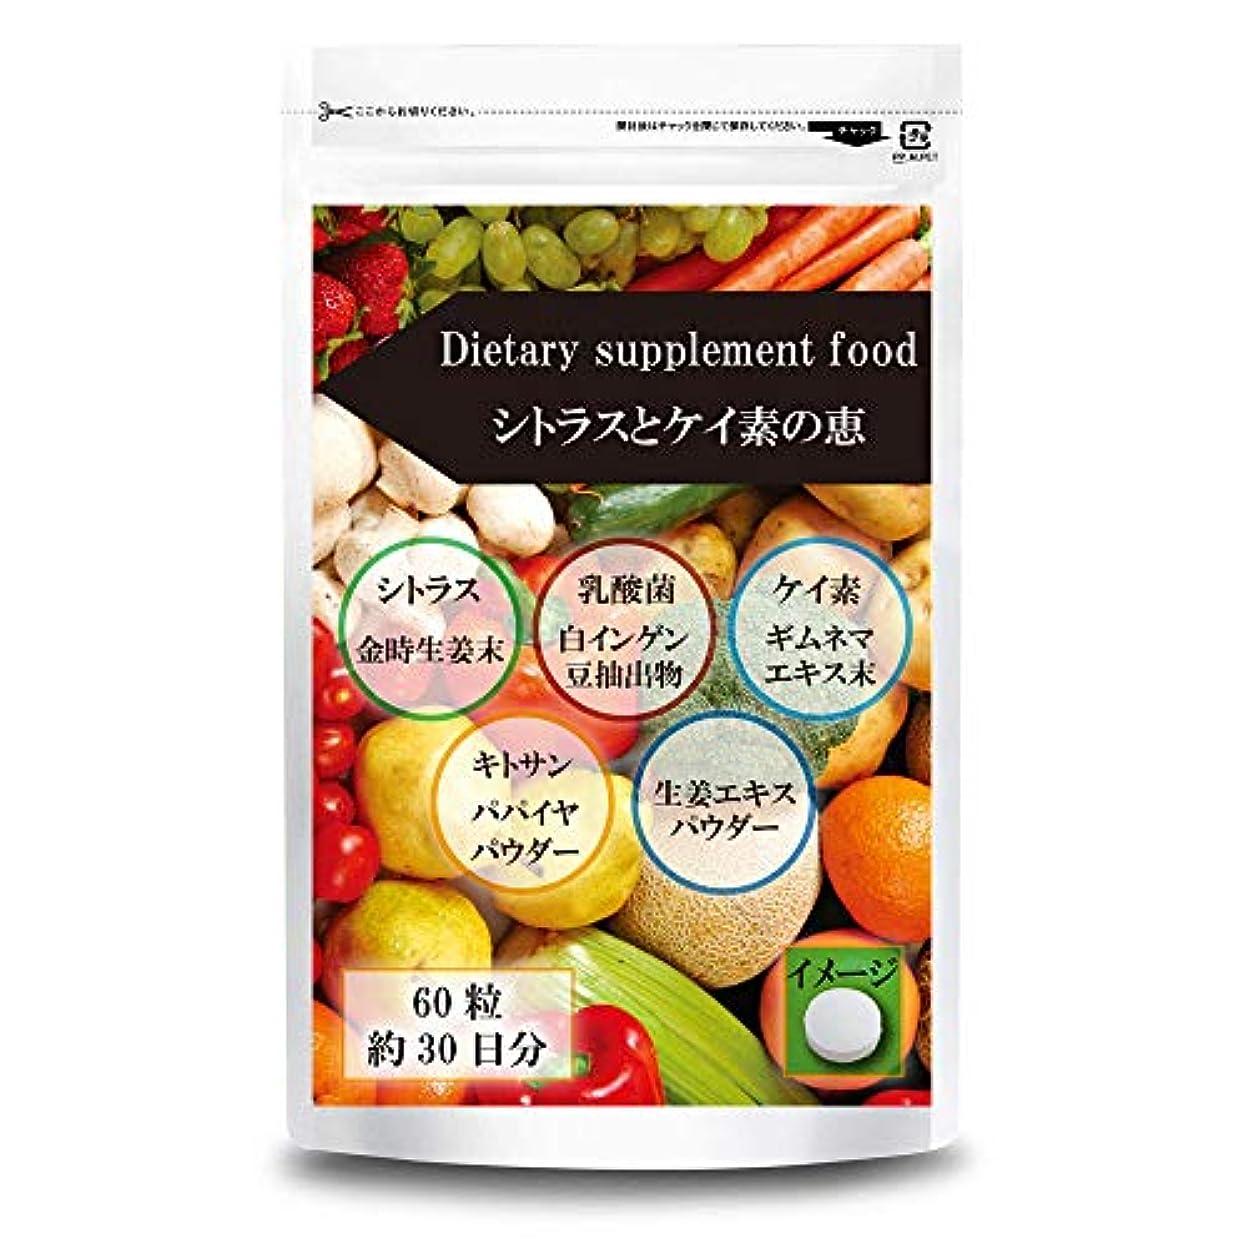 ずらす以降ディレイシトラスとケイ素の恵 トータルサポート ダイエット サプリメント 【60粒約30日分】